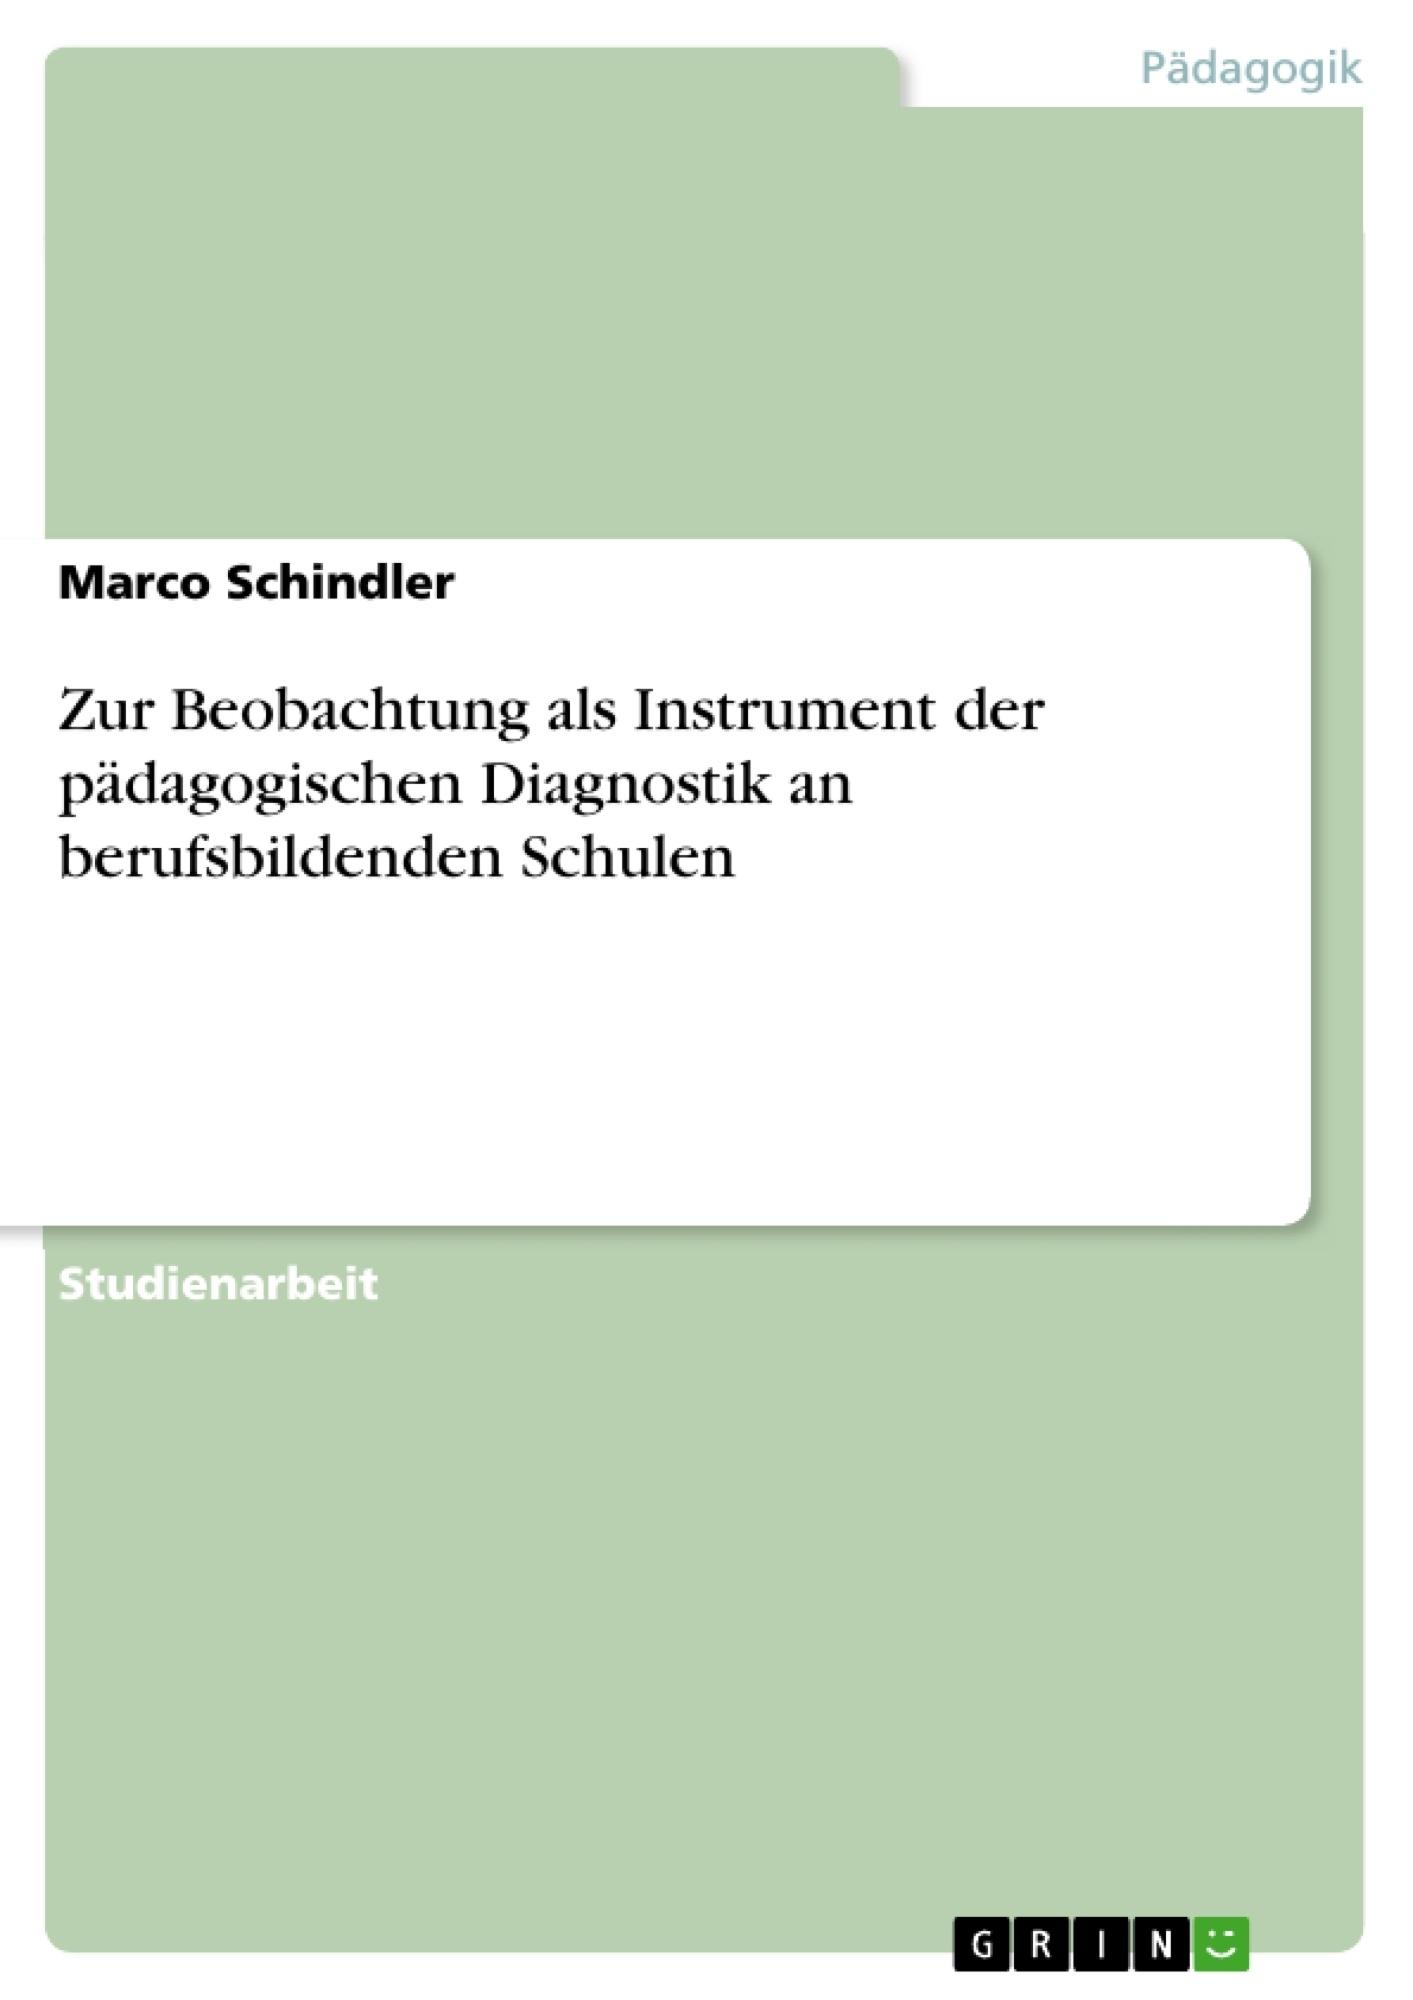 Titel: Zur Beobachtung als Instrument der pädagogischen Diagnostik an berufsbildenden Schulen